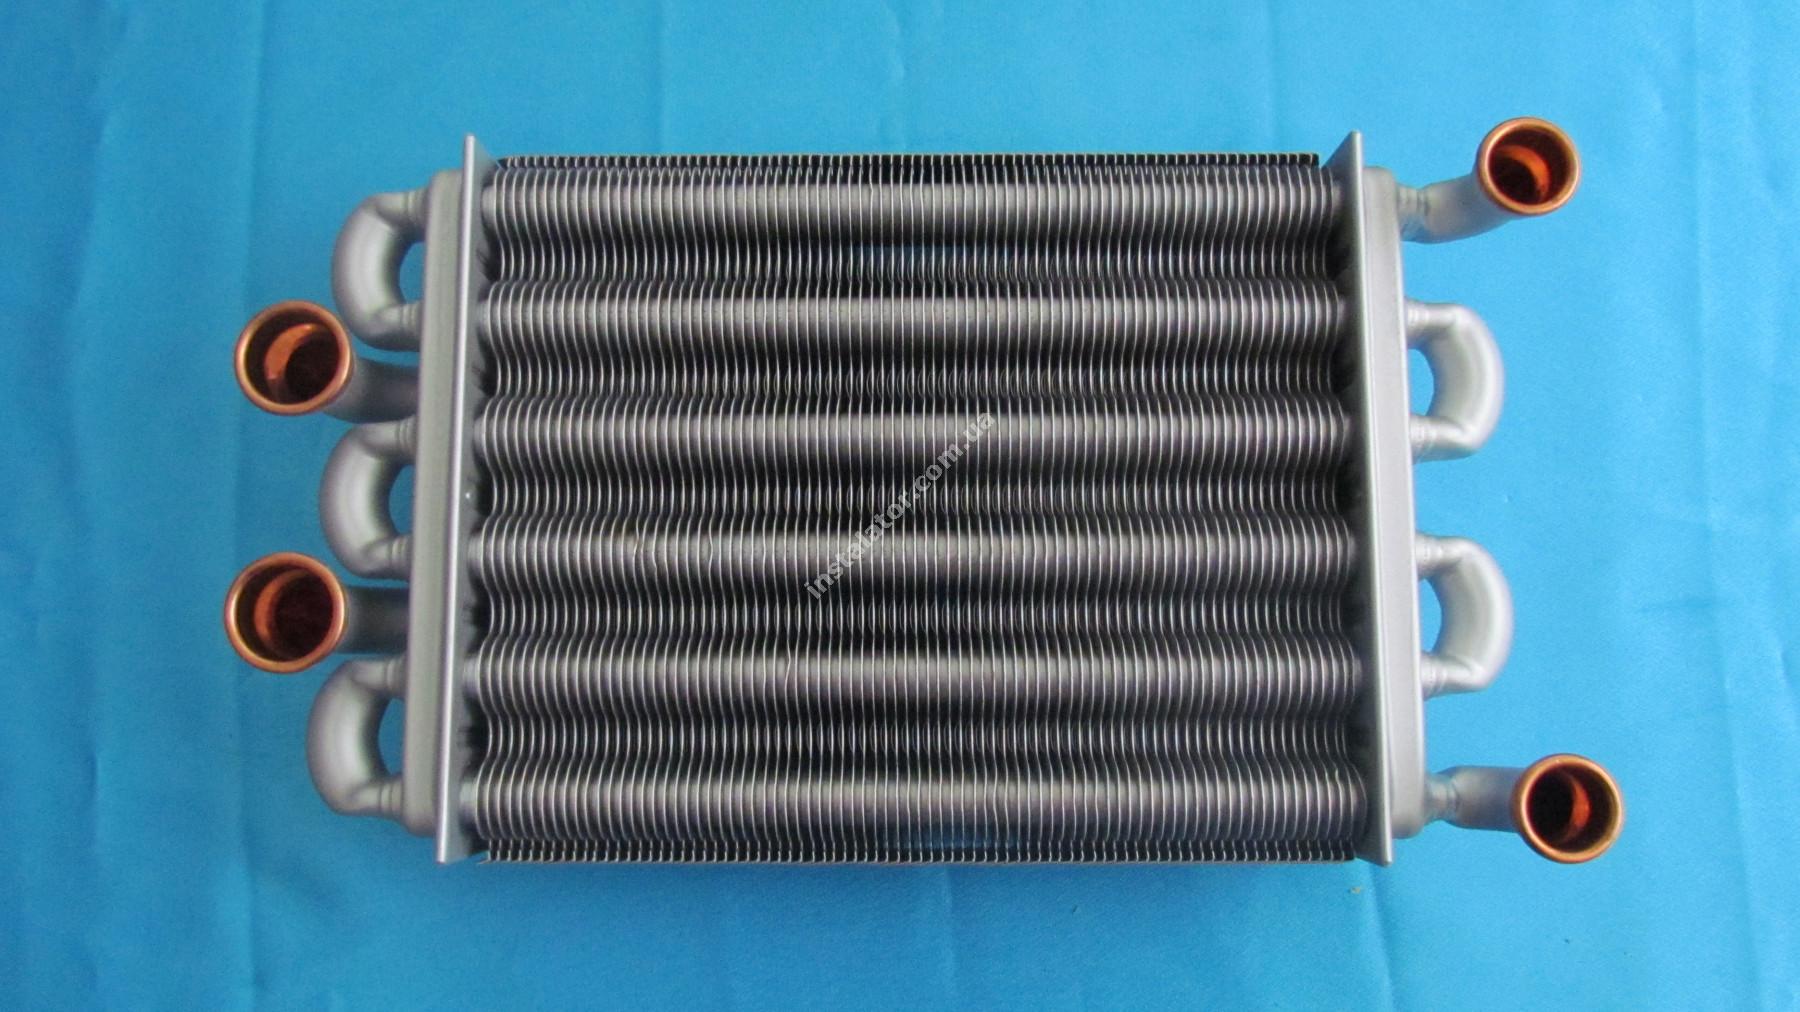 65106300 Теплообмінник бітермічний ARISTON EGIS FF  full-image-1